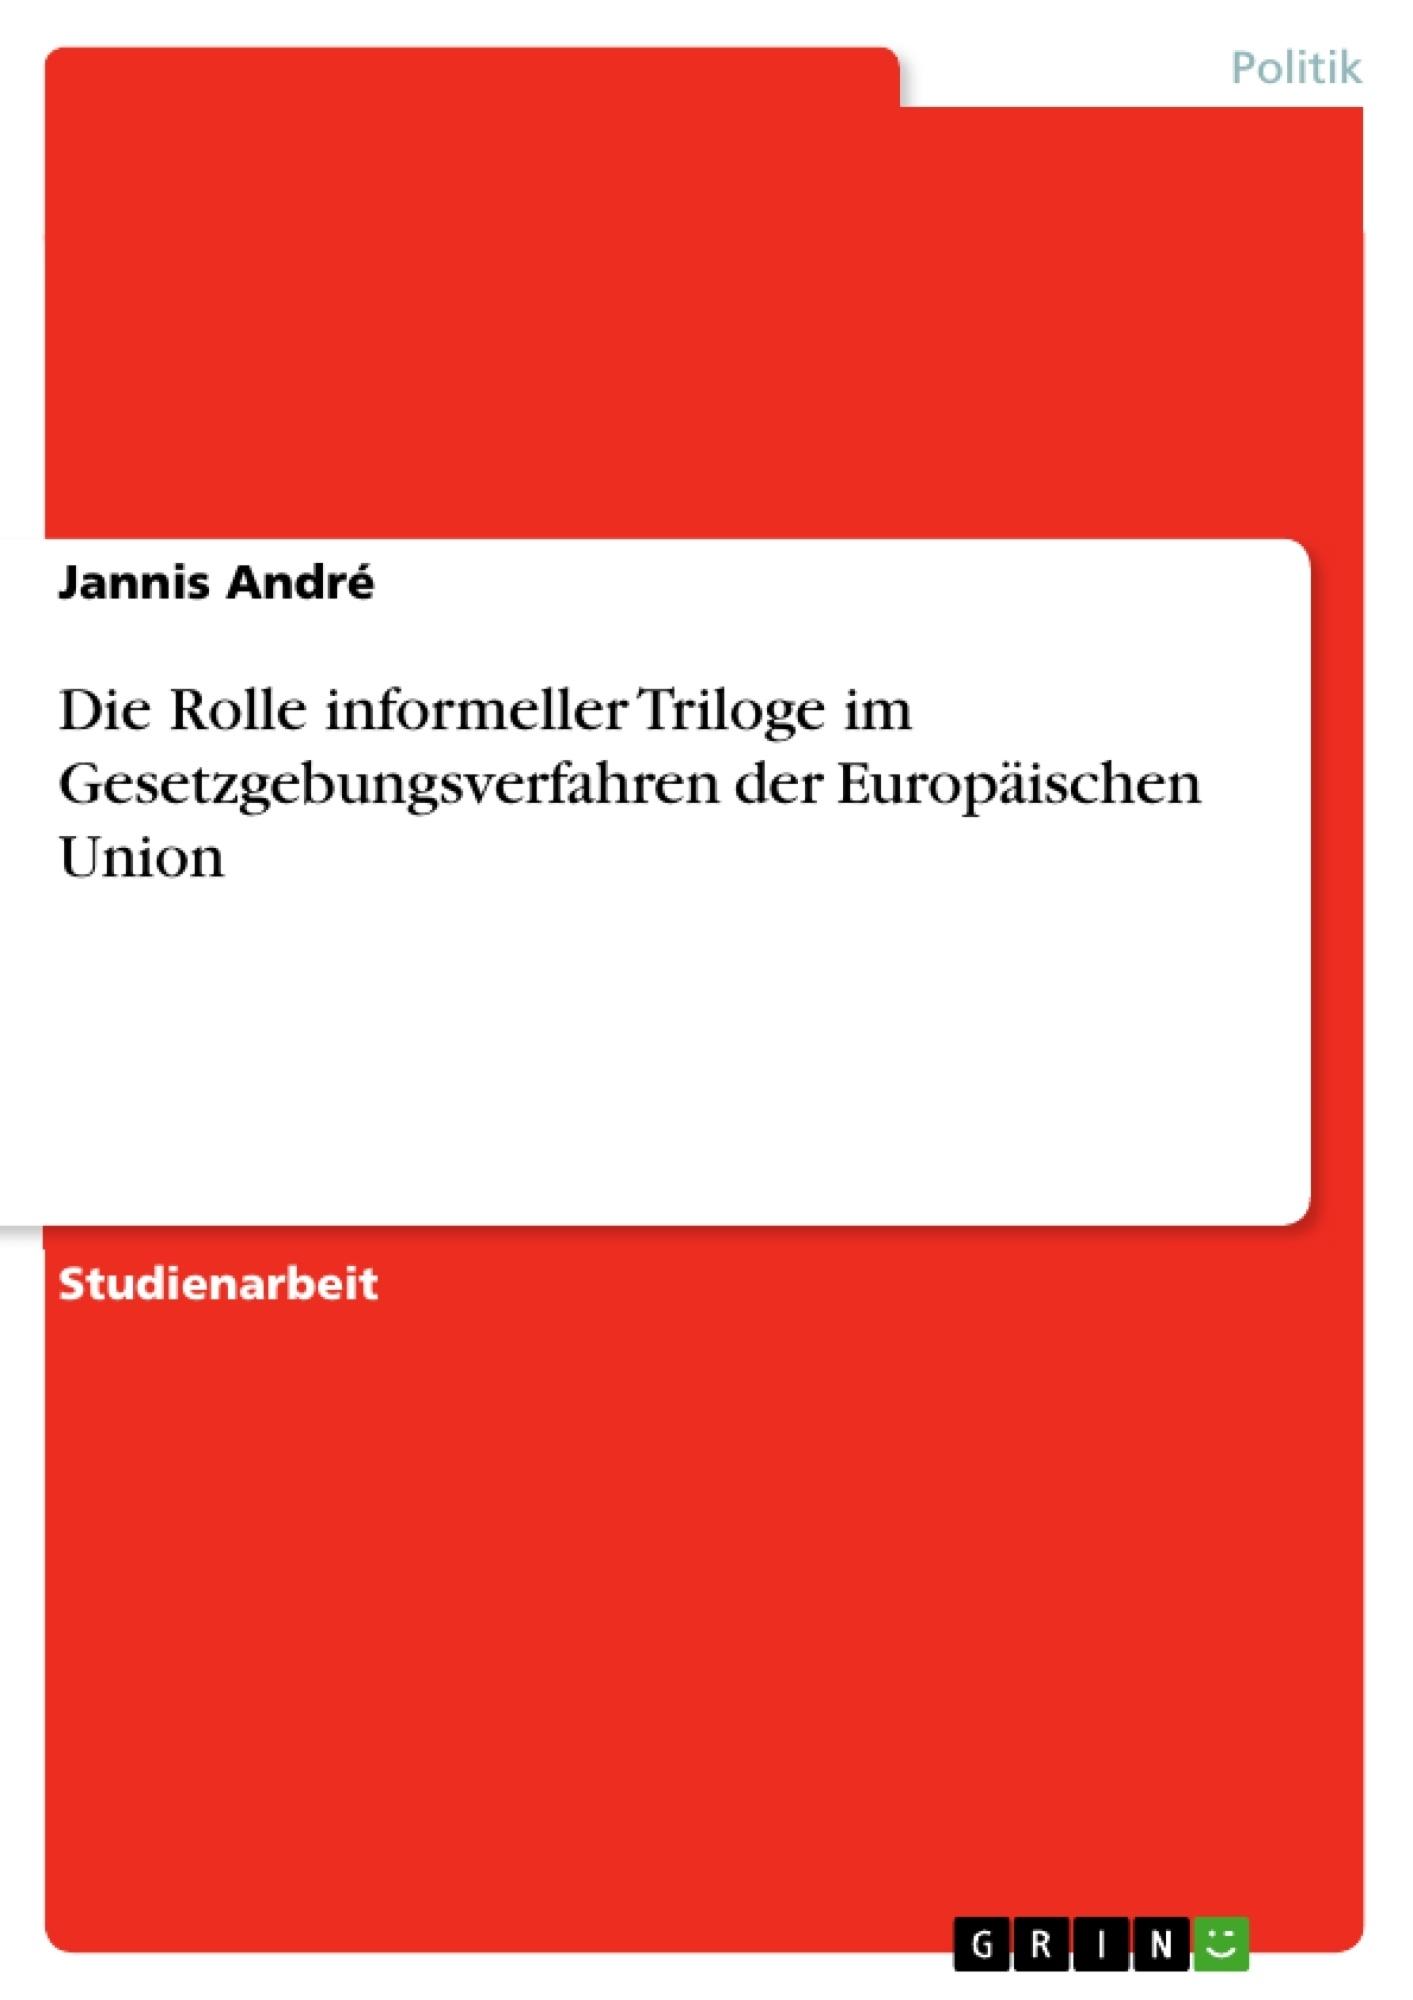 Titel: Die Rolle informeller Triloge im Gesetzgebungsverfahren der Europäischen Union